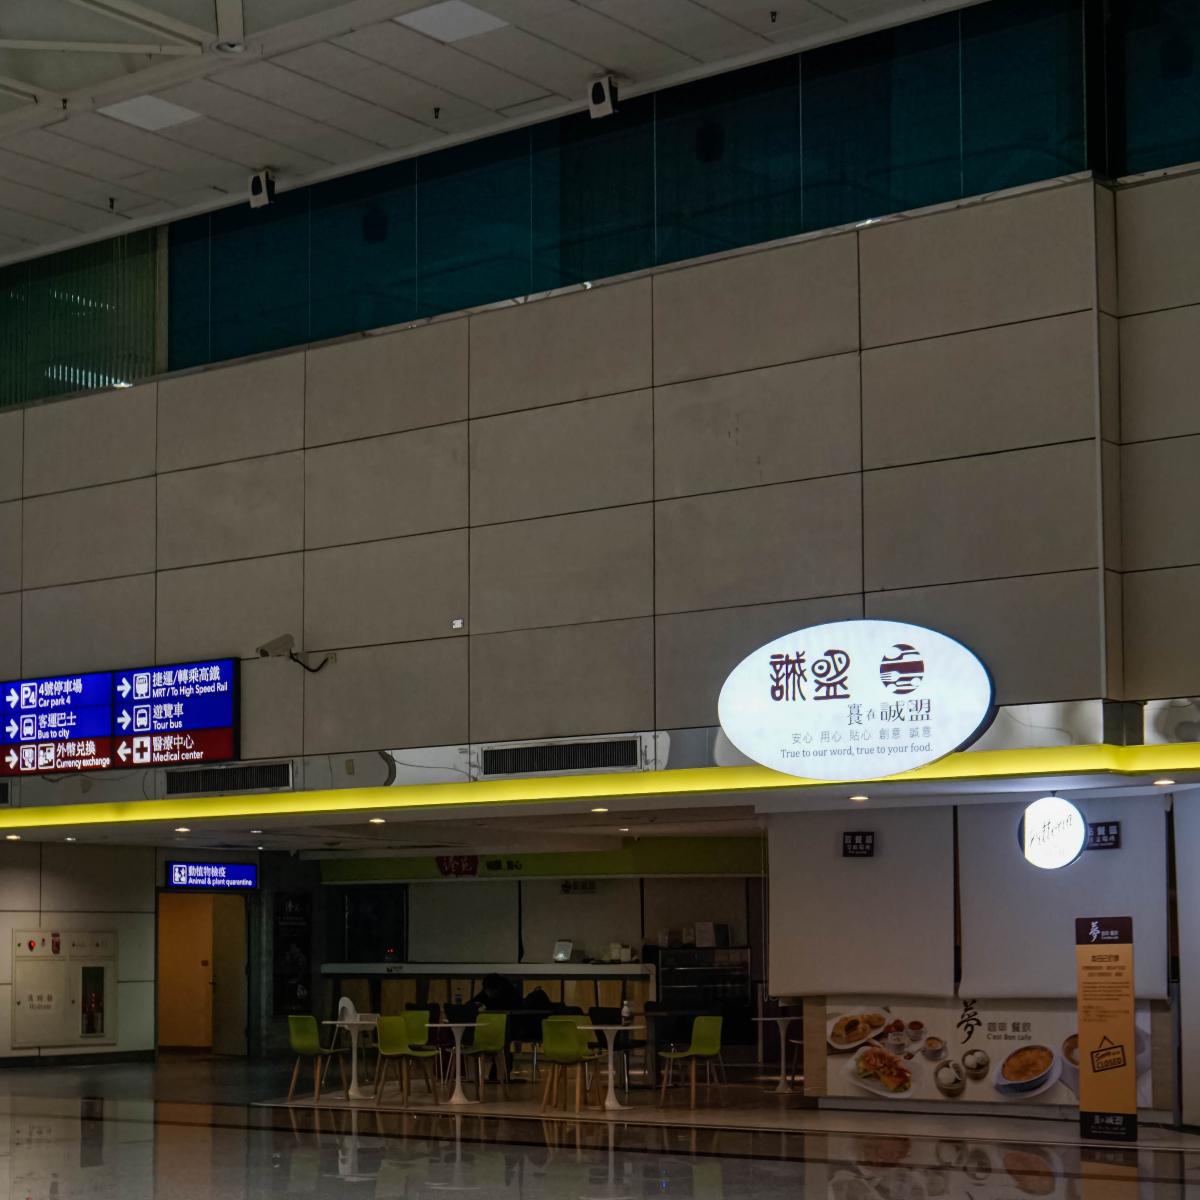 台湾桃園国際空港第2ターミナル内ミッドナイトパトロールへ!